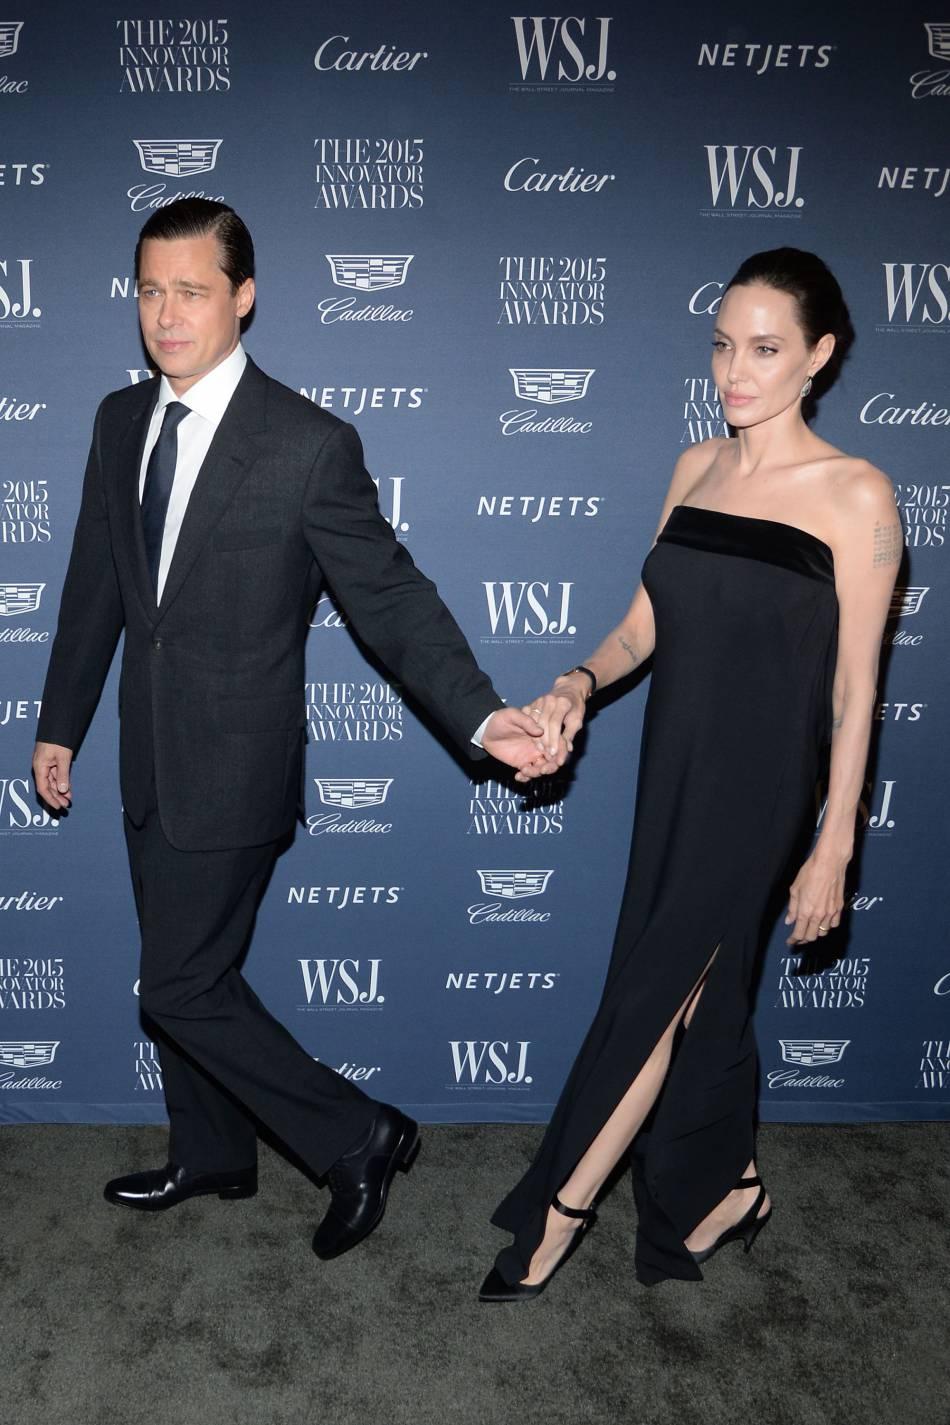 Le divorce de Brad Pitt et d'Angelina Jolie fait les gros titres de la presse people.